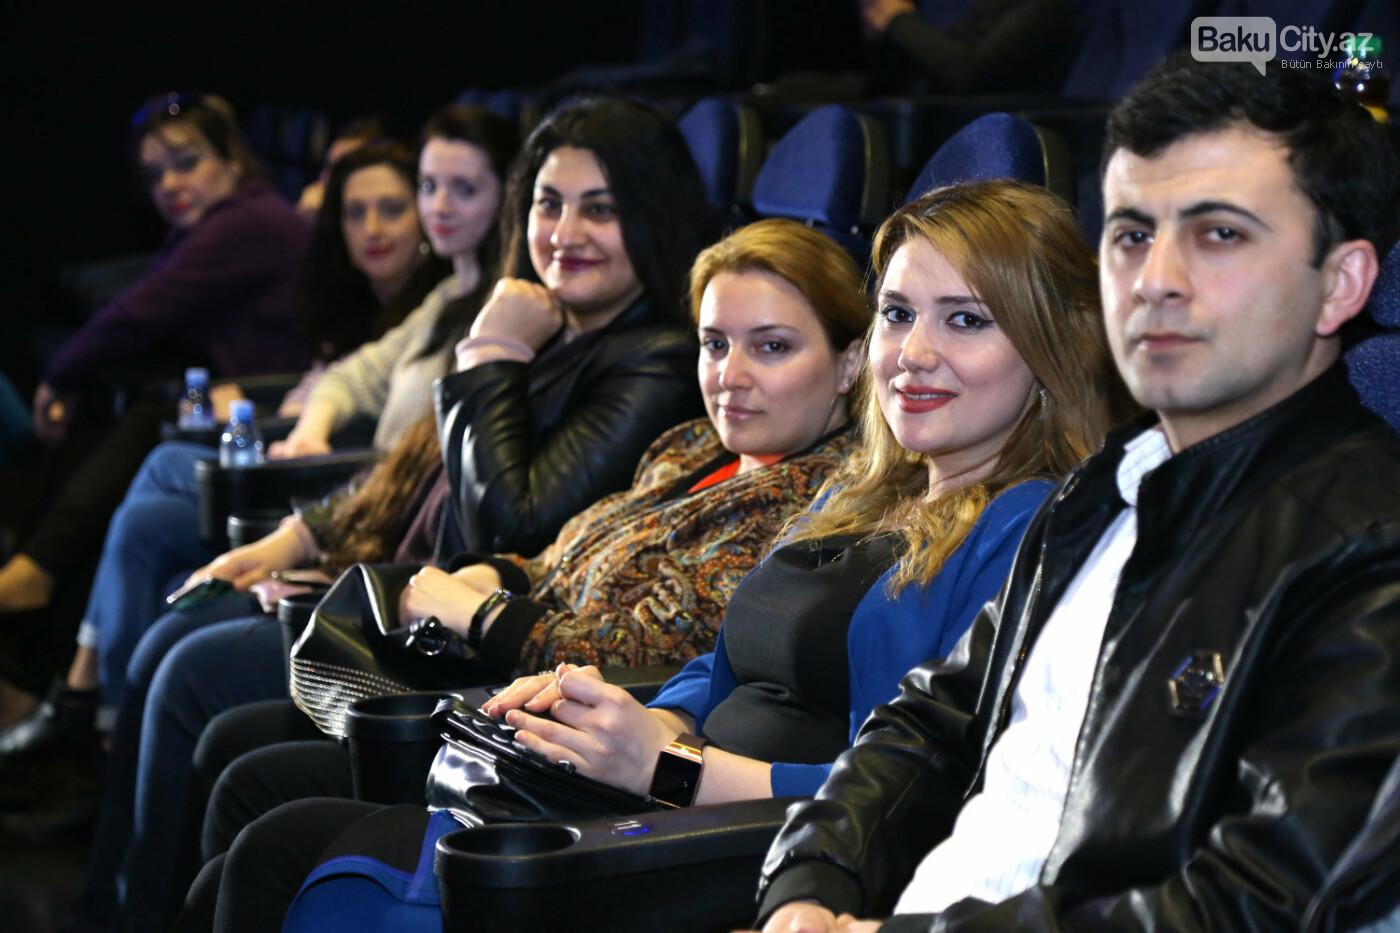 Amerikanın bu filmi Bakıda Azərbaycan dilində göstərilir - FOTO / VİDEO, fotoşəkil-16